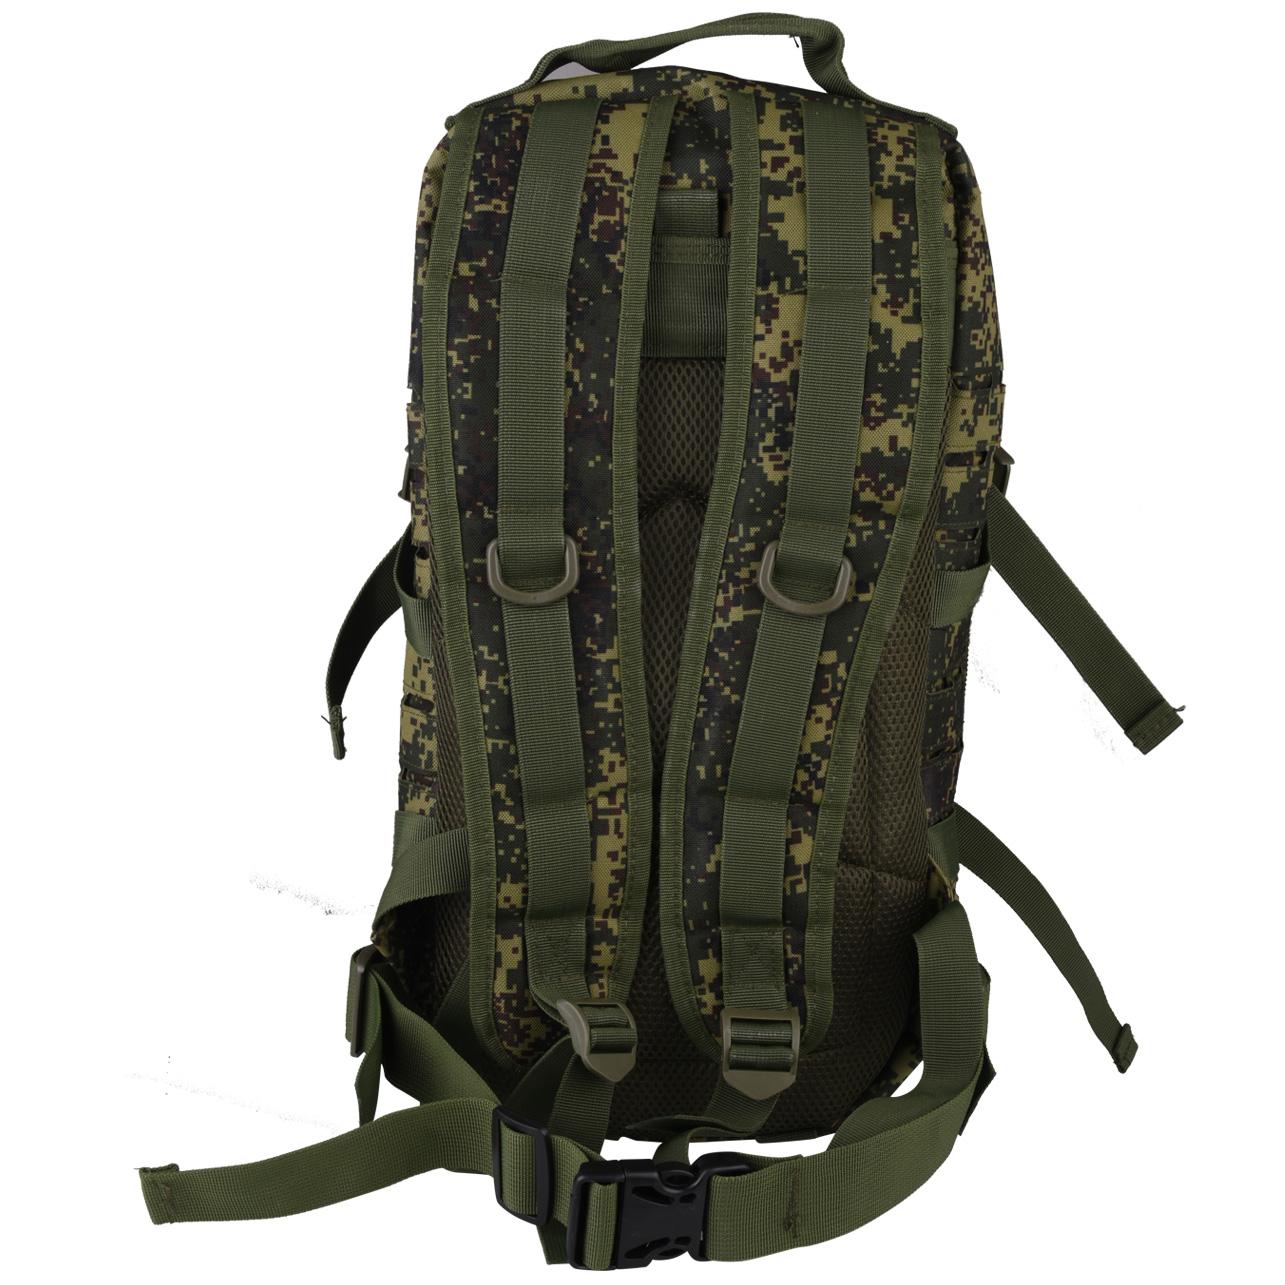 Тактический рюкзак | Купить тактические рюкзаки в интернет-магазине по доступной цене